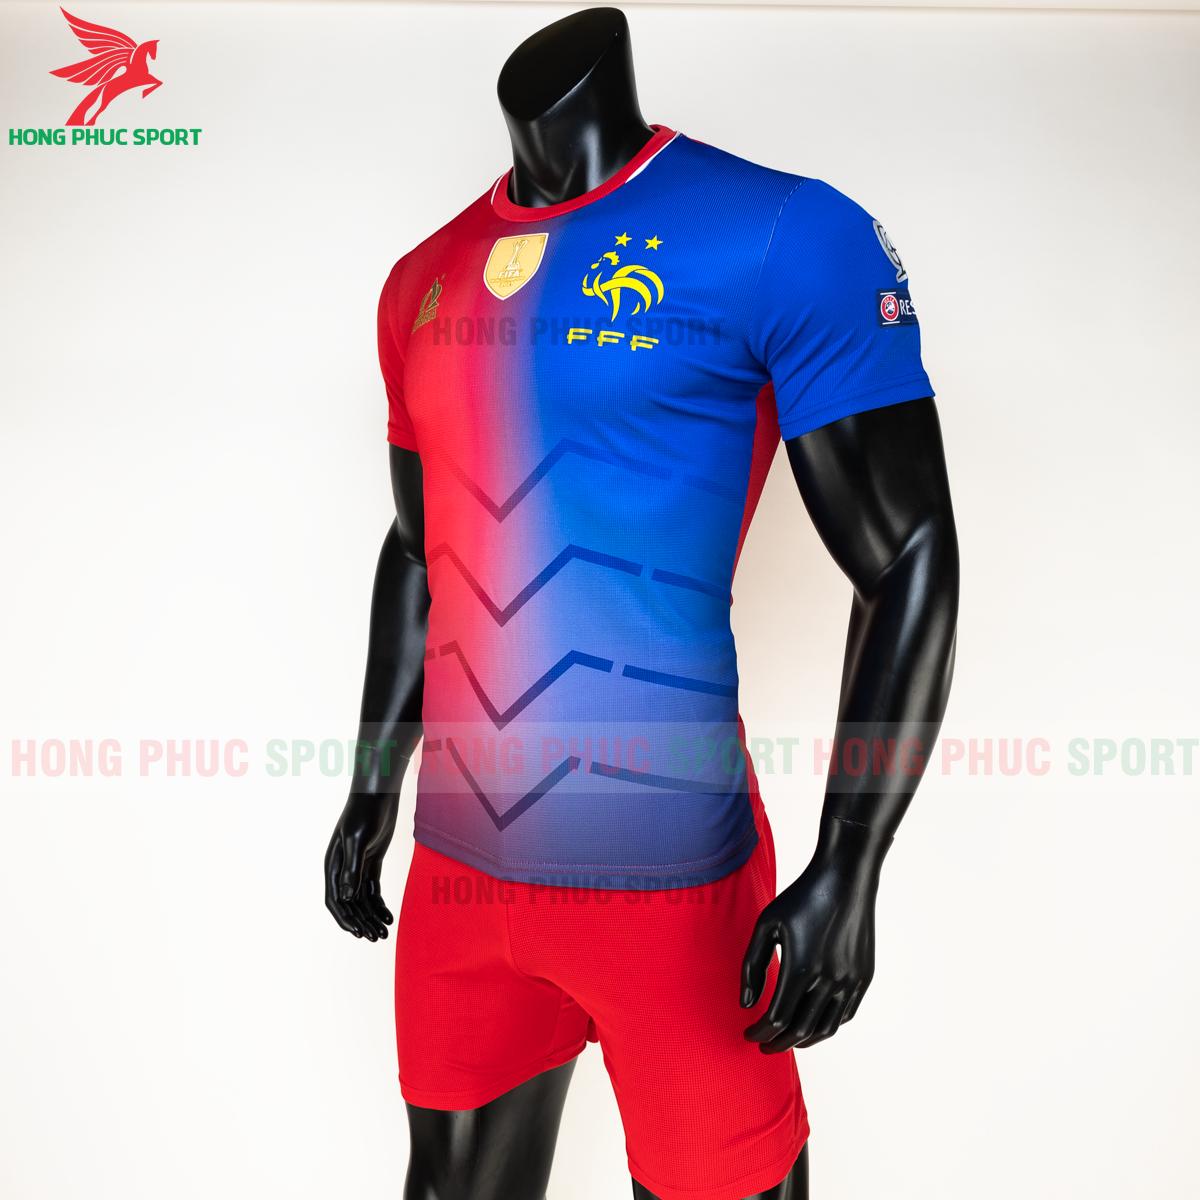 https://cdn.hongphucsport.com/unsafe/s4.shopbay.vn/files/285/ao-tuyen-phap-hang-det-phien-ban-fan-acrra-6-5fa10084d06ee.png